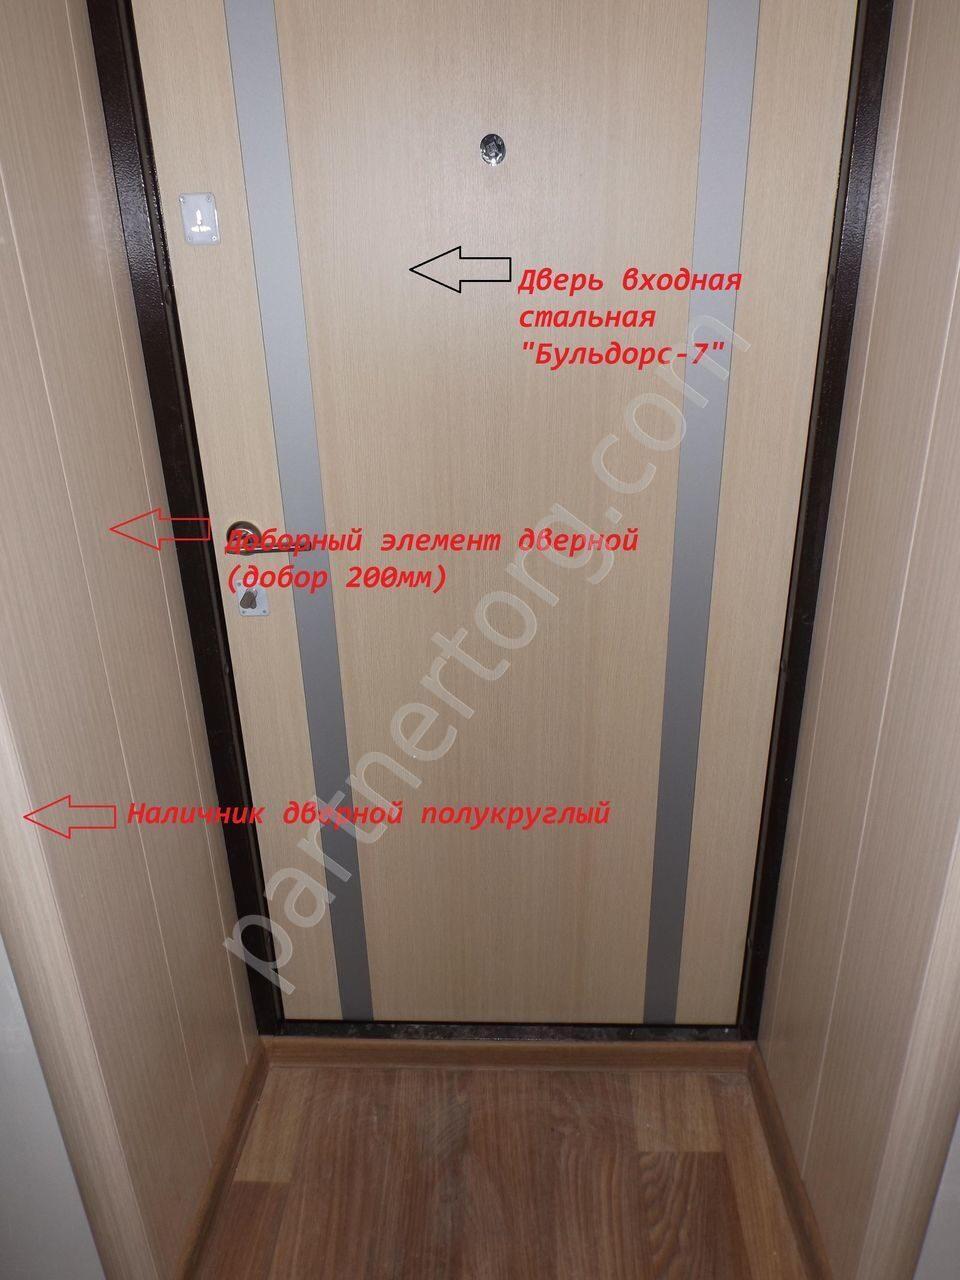 средняя цена на железную дверь москва